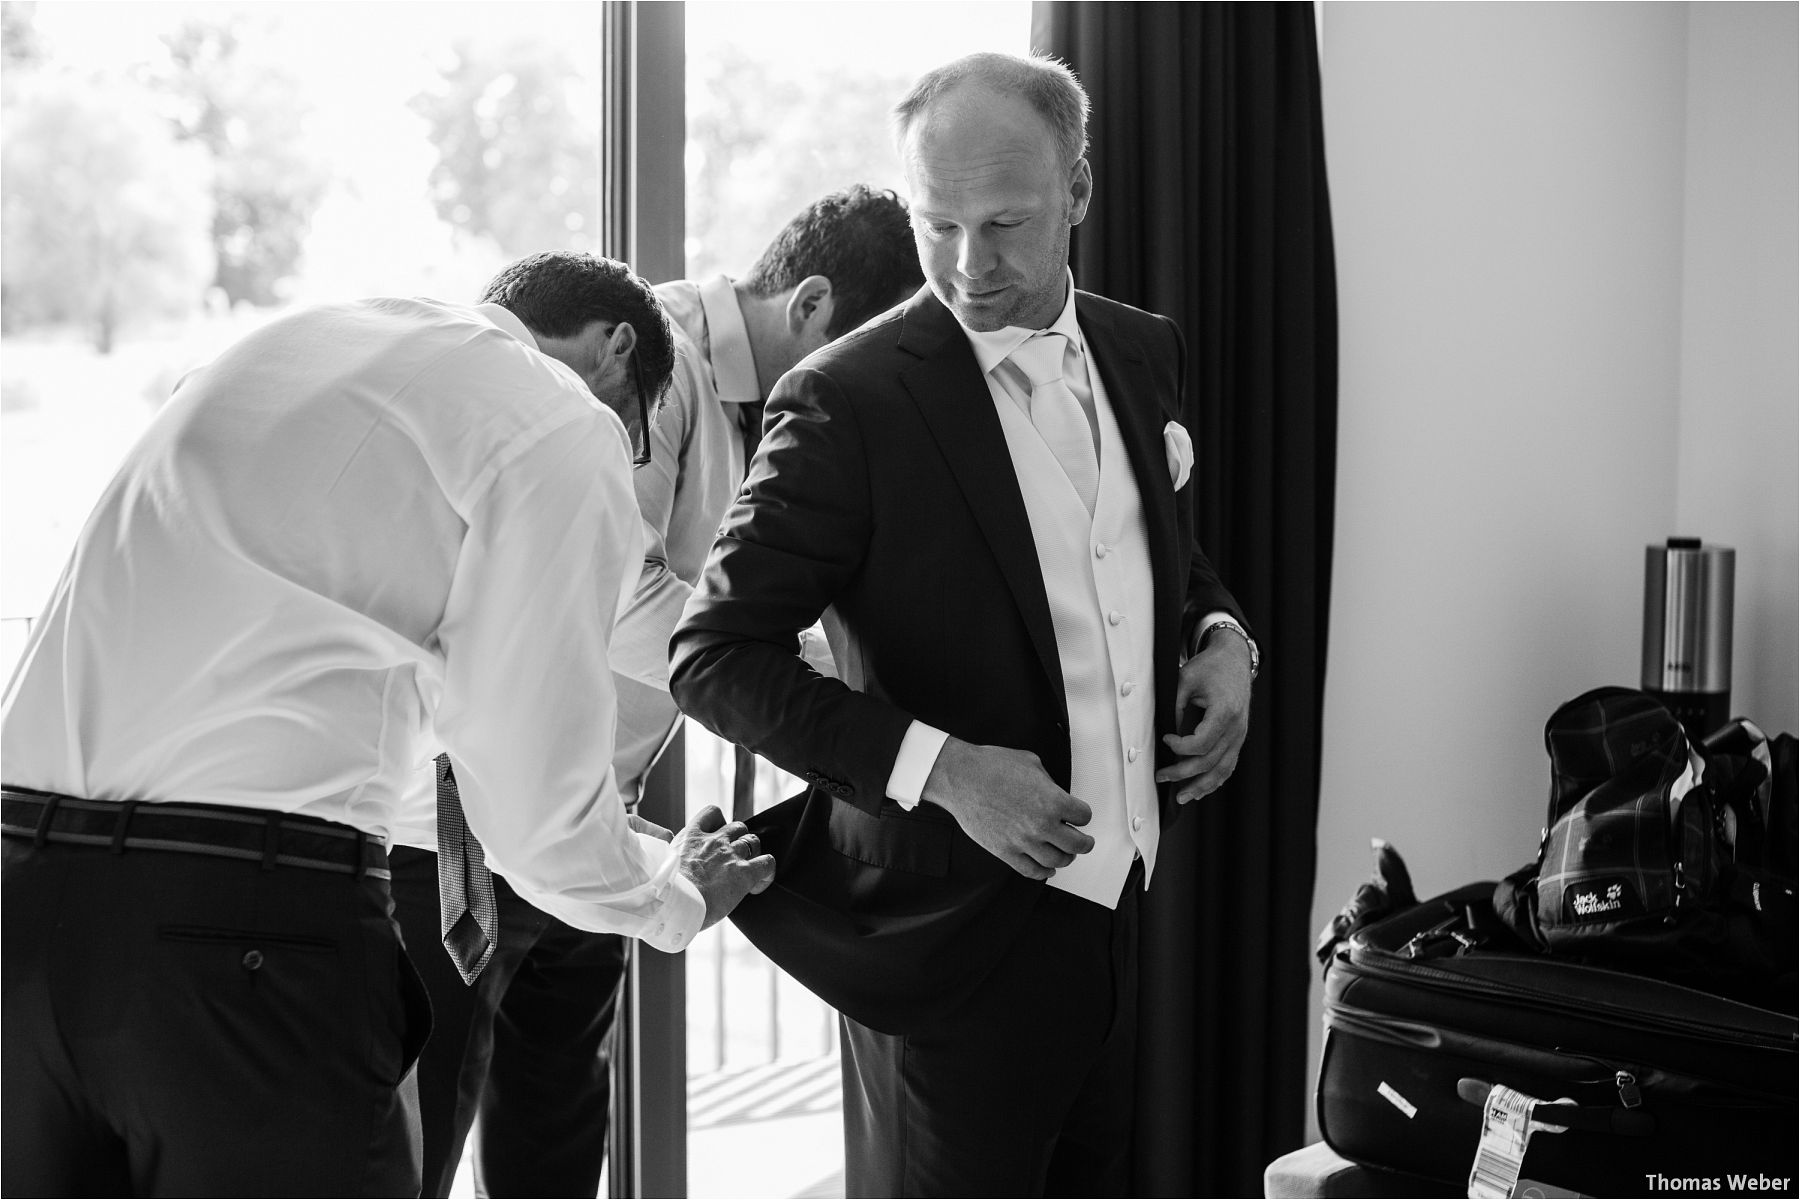 Hochzeitsfotograf Thomas Weber aus Oldenburg: Wunderschöne Hochzeit auf Schlossgut Groß Schwansee an der Ostsee